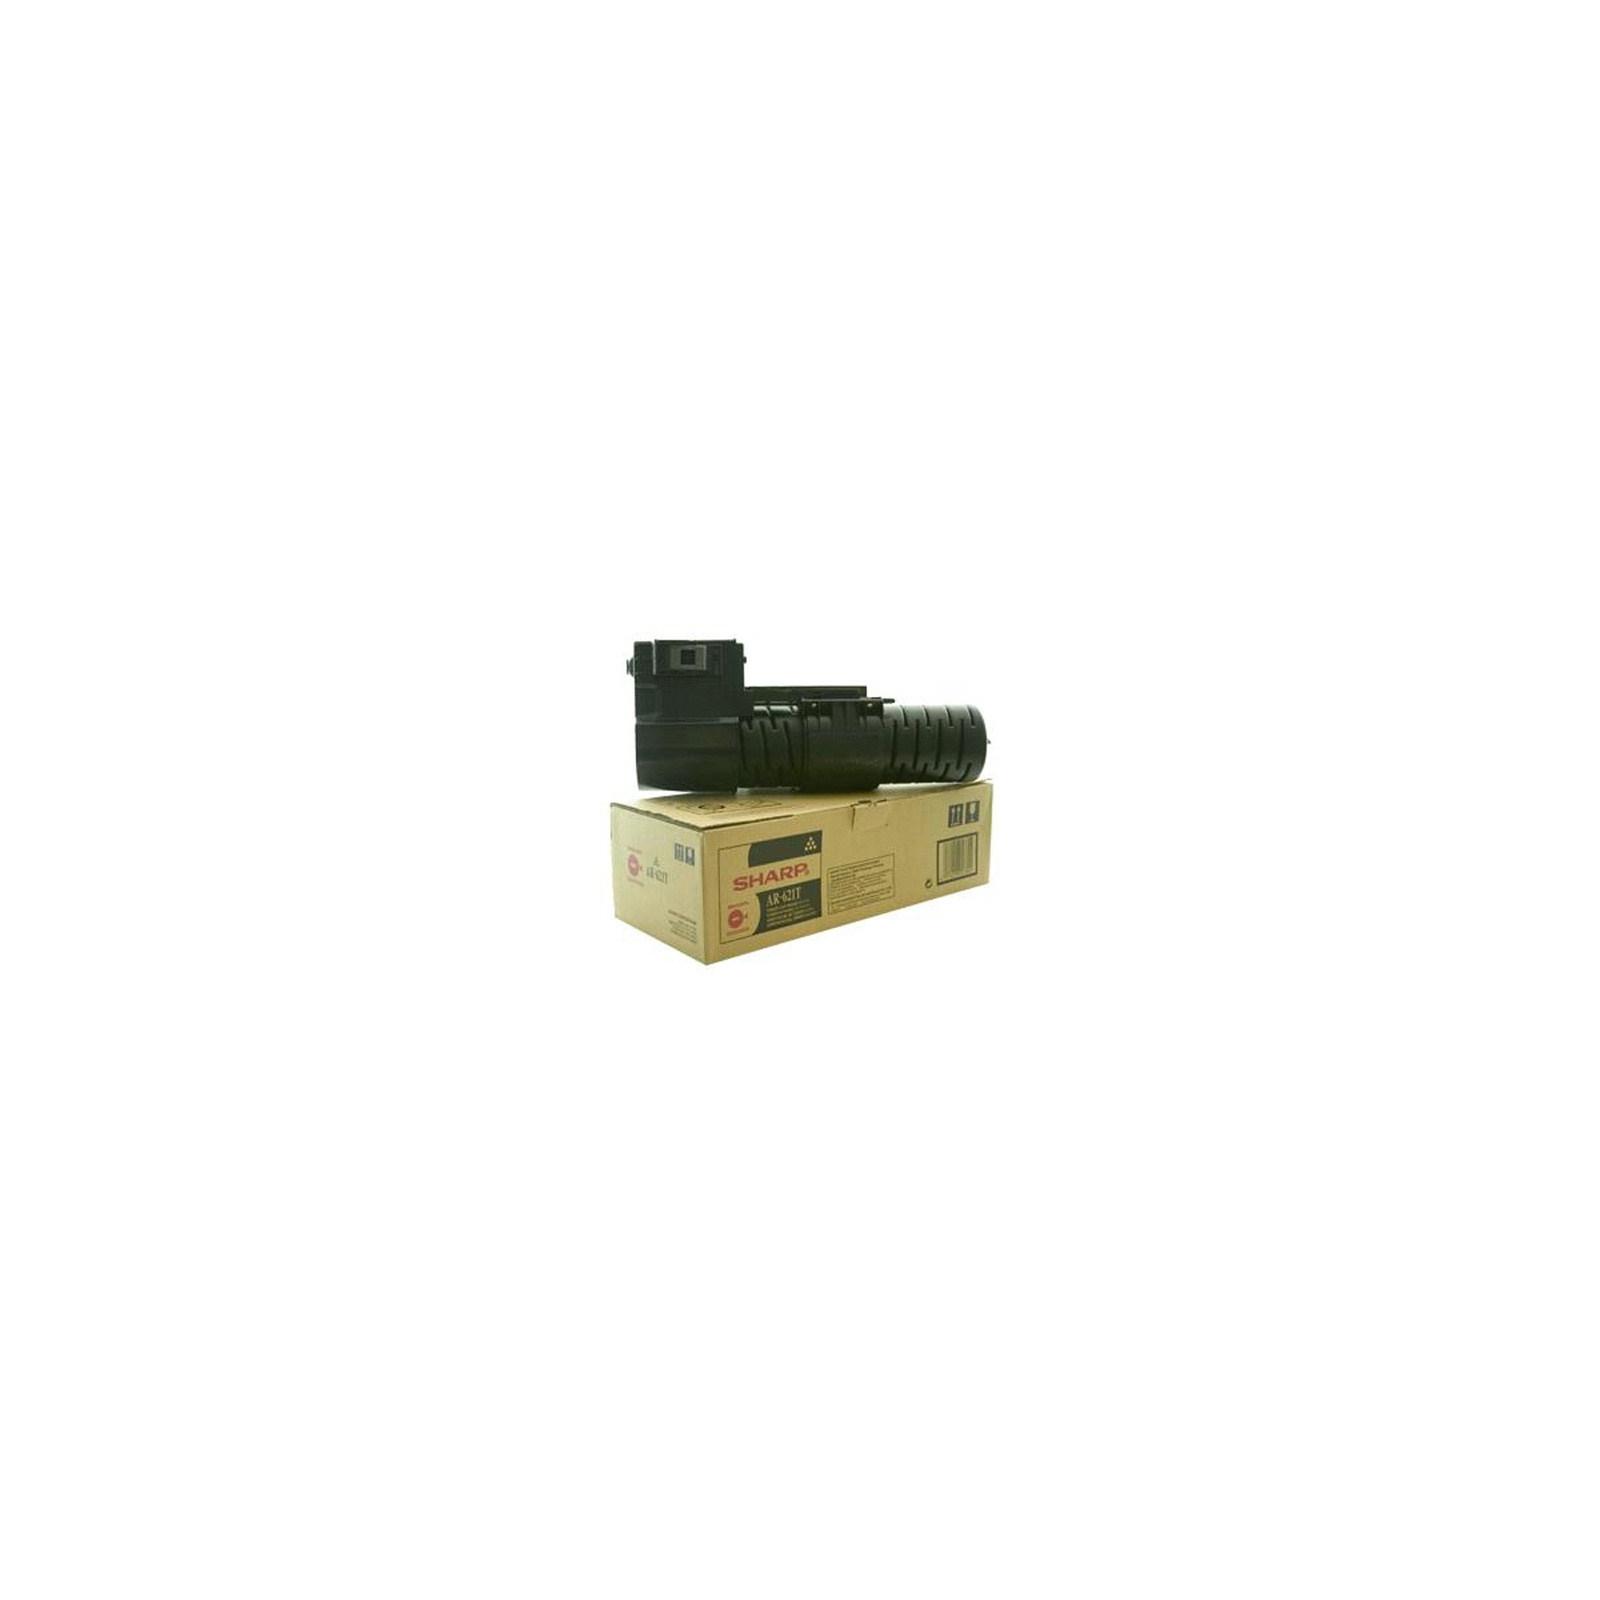 Тонер-картридж SHARP AR 621LT для ARM550/620/700, MXM550 (AR621LT)